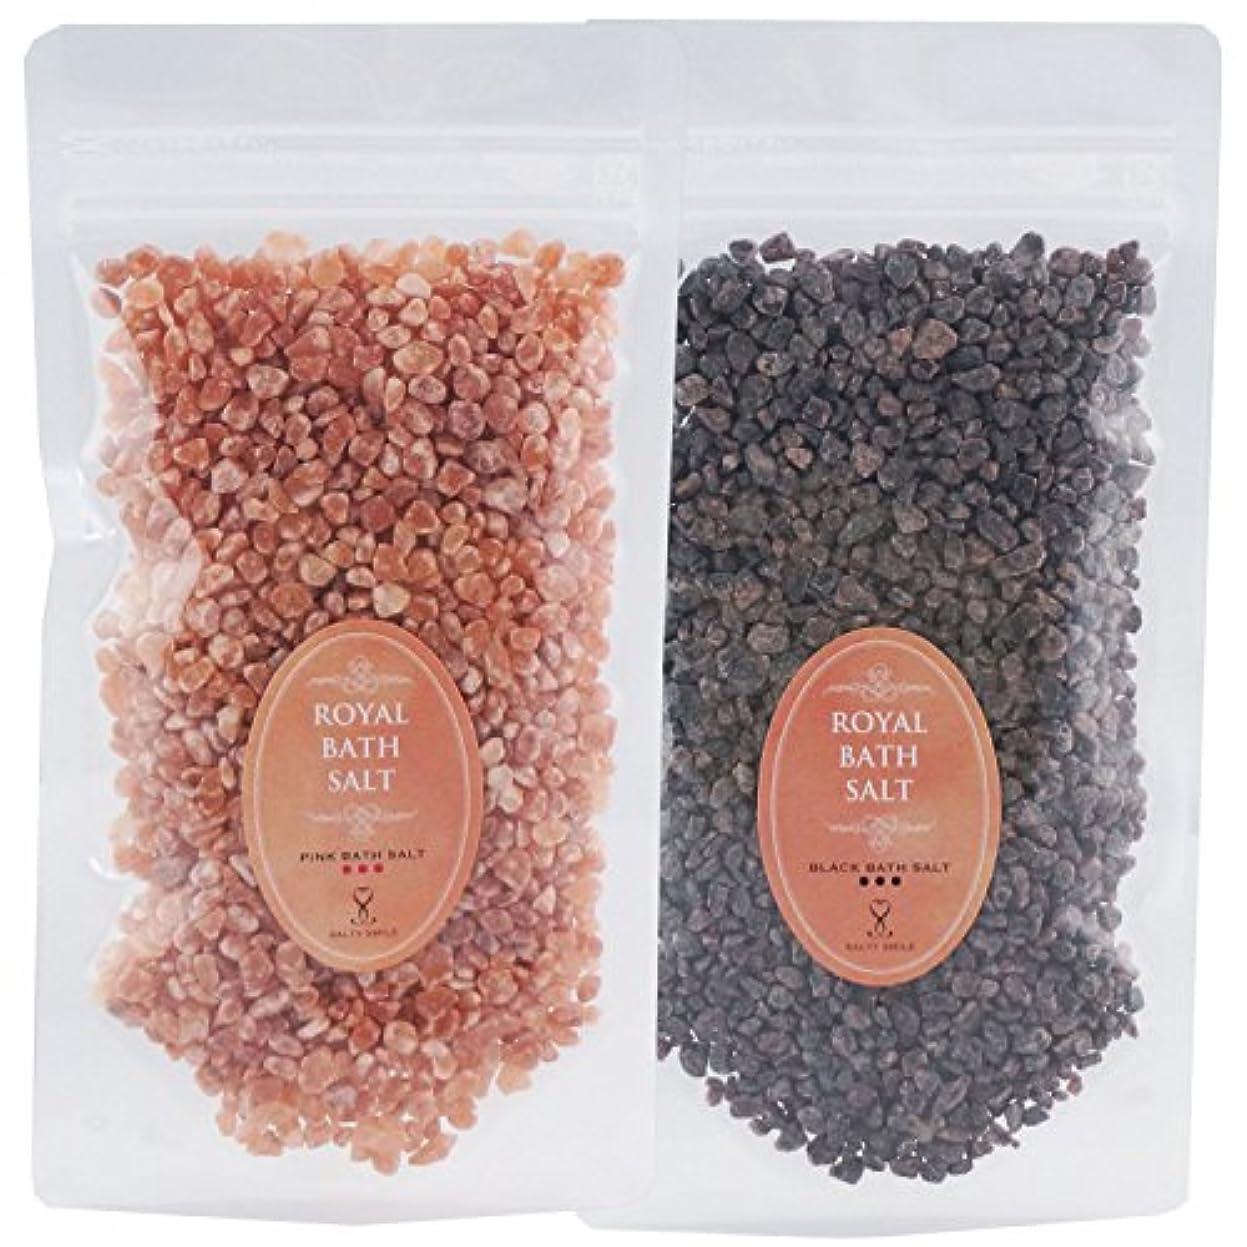 複雑な興奮する獲物ロイヤル バスソルト ヒマラヤ岩塩 ピンク ブラック グレイン 各200g 粗粒 ROYAL BATH SALT